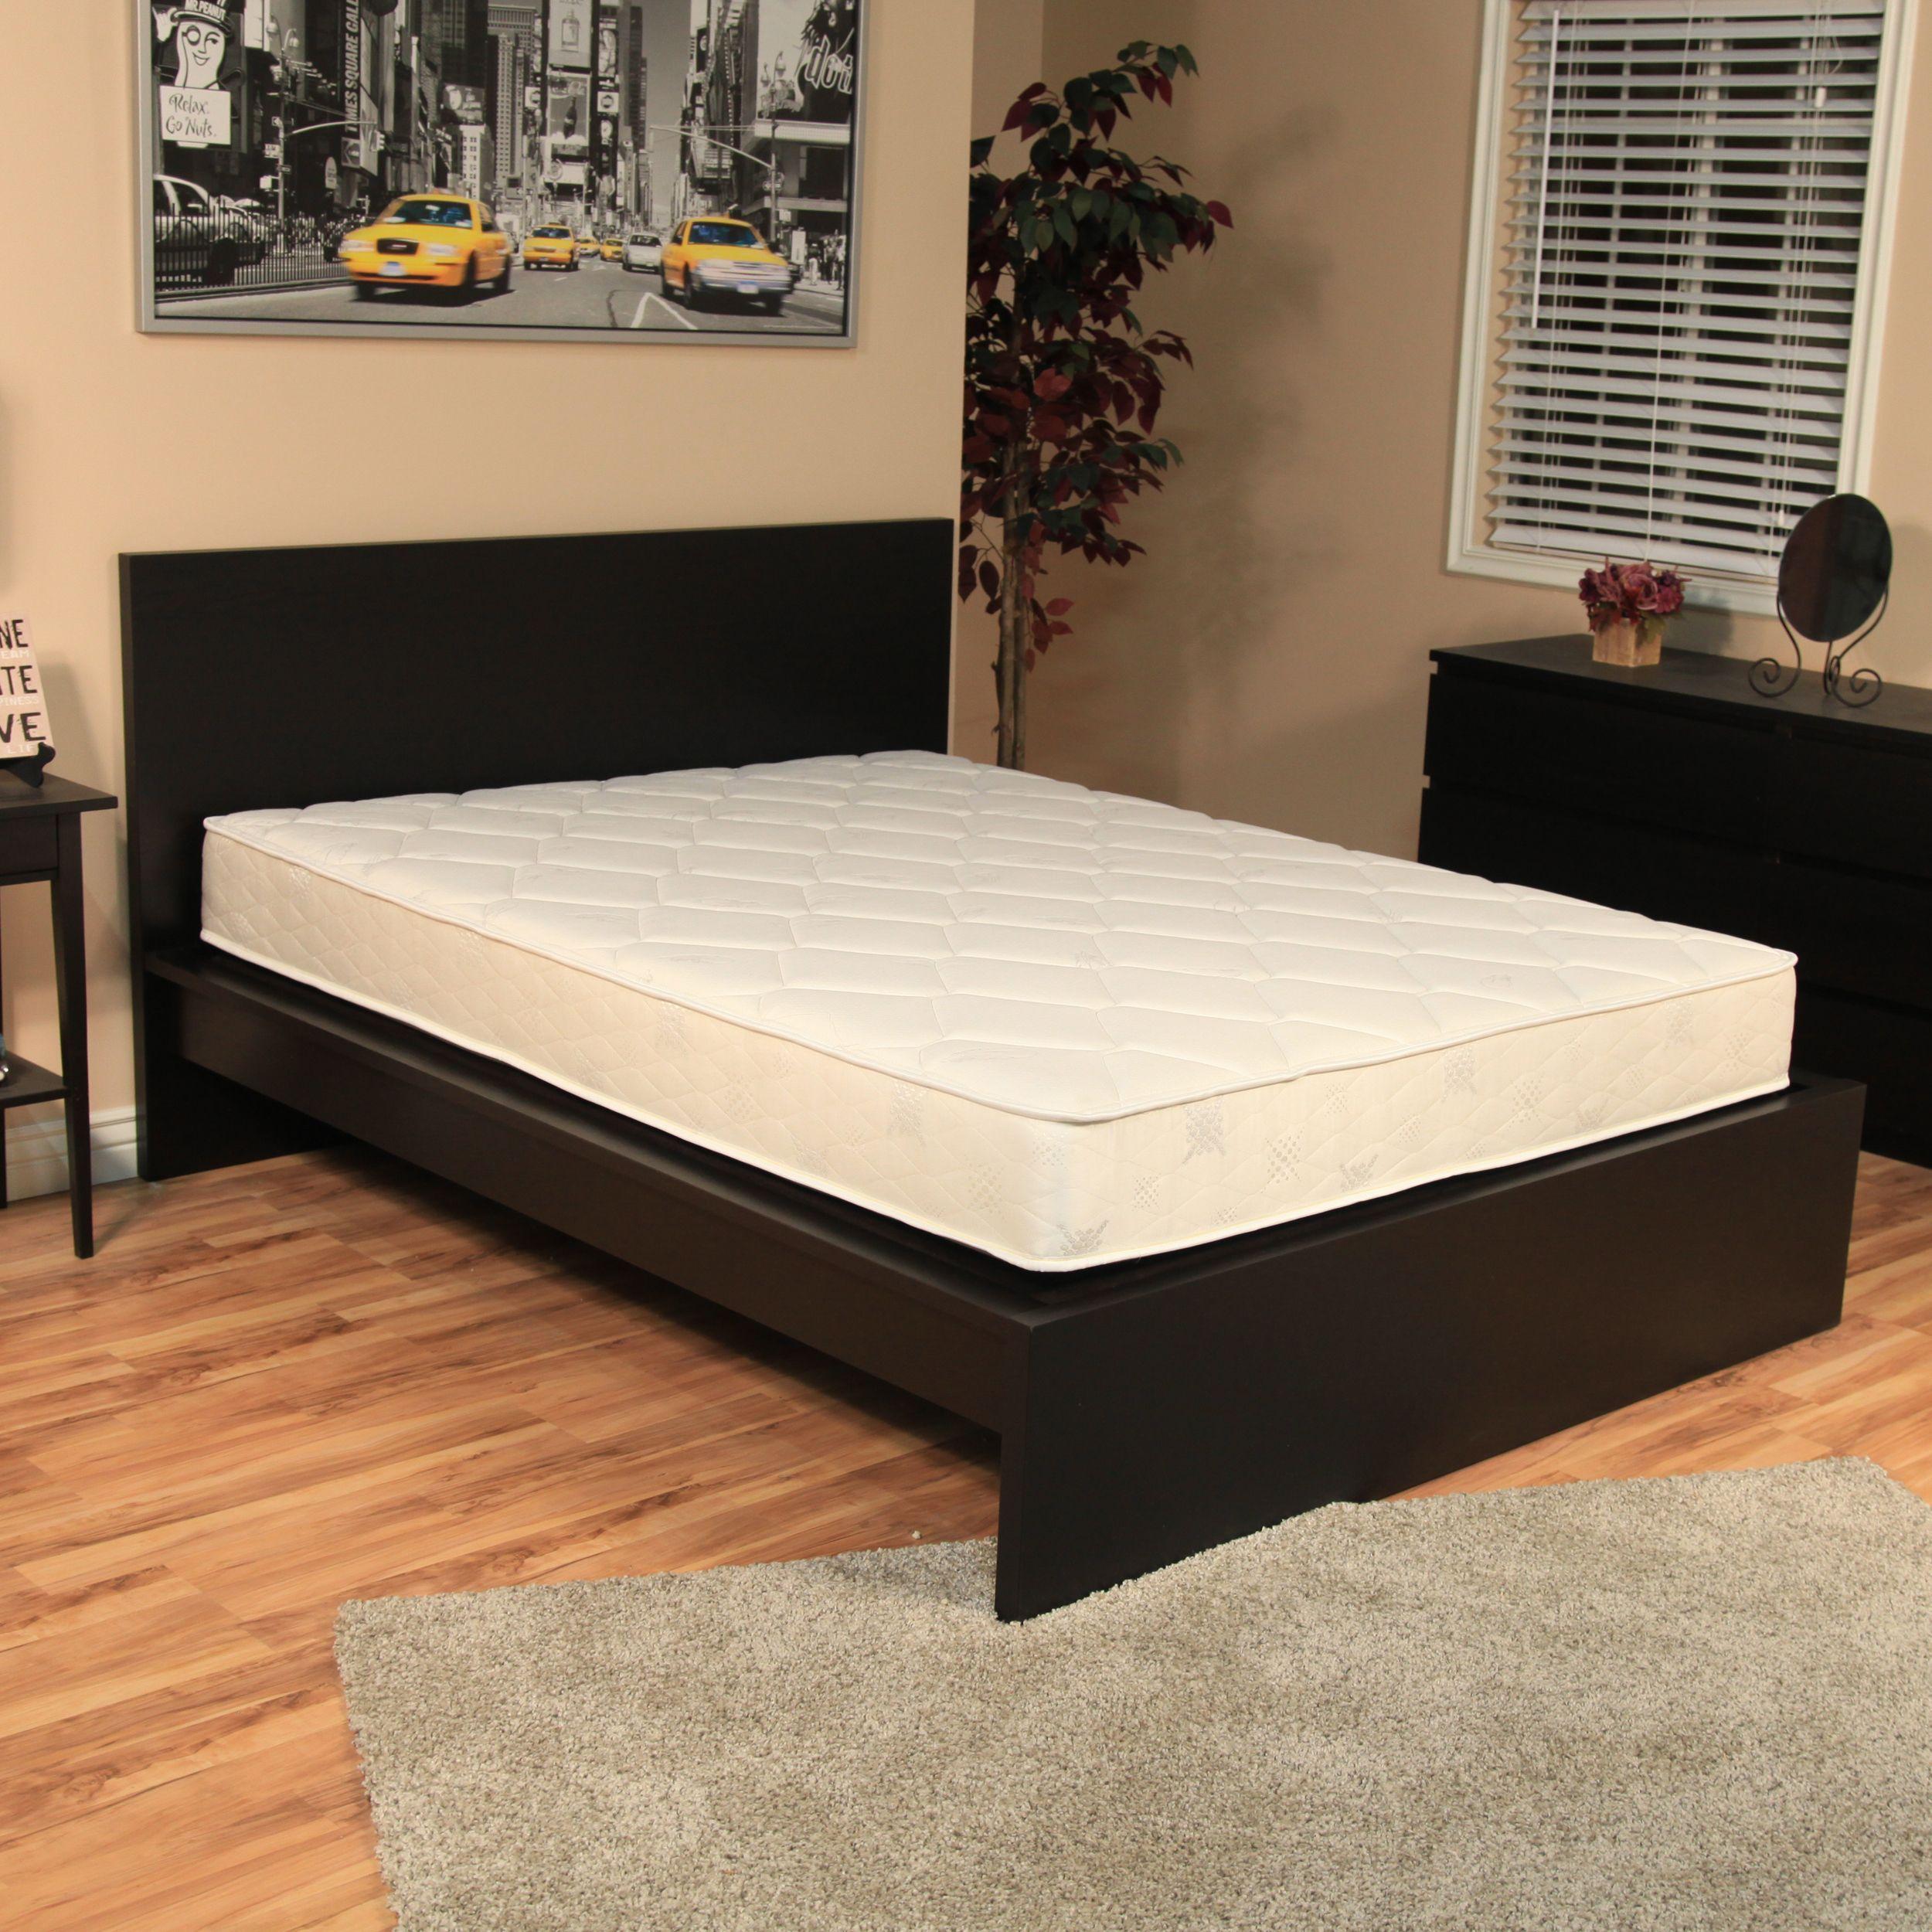 dreamfoam furniture sleep wayfair pdx bedding reviews memory mattress foam bed